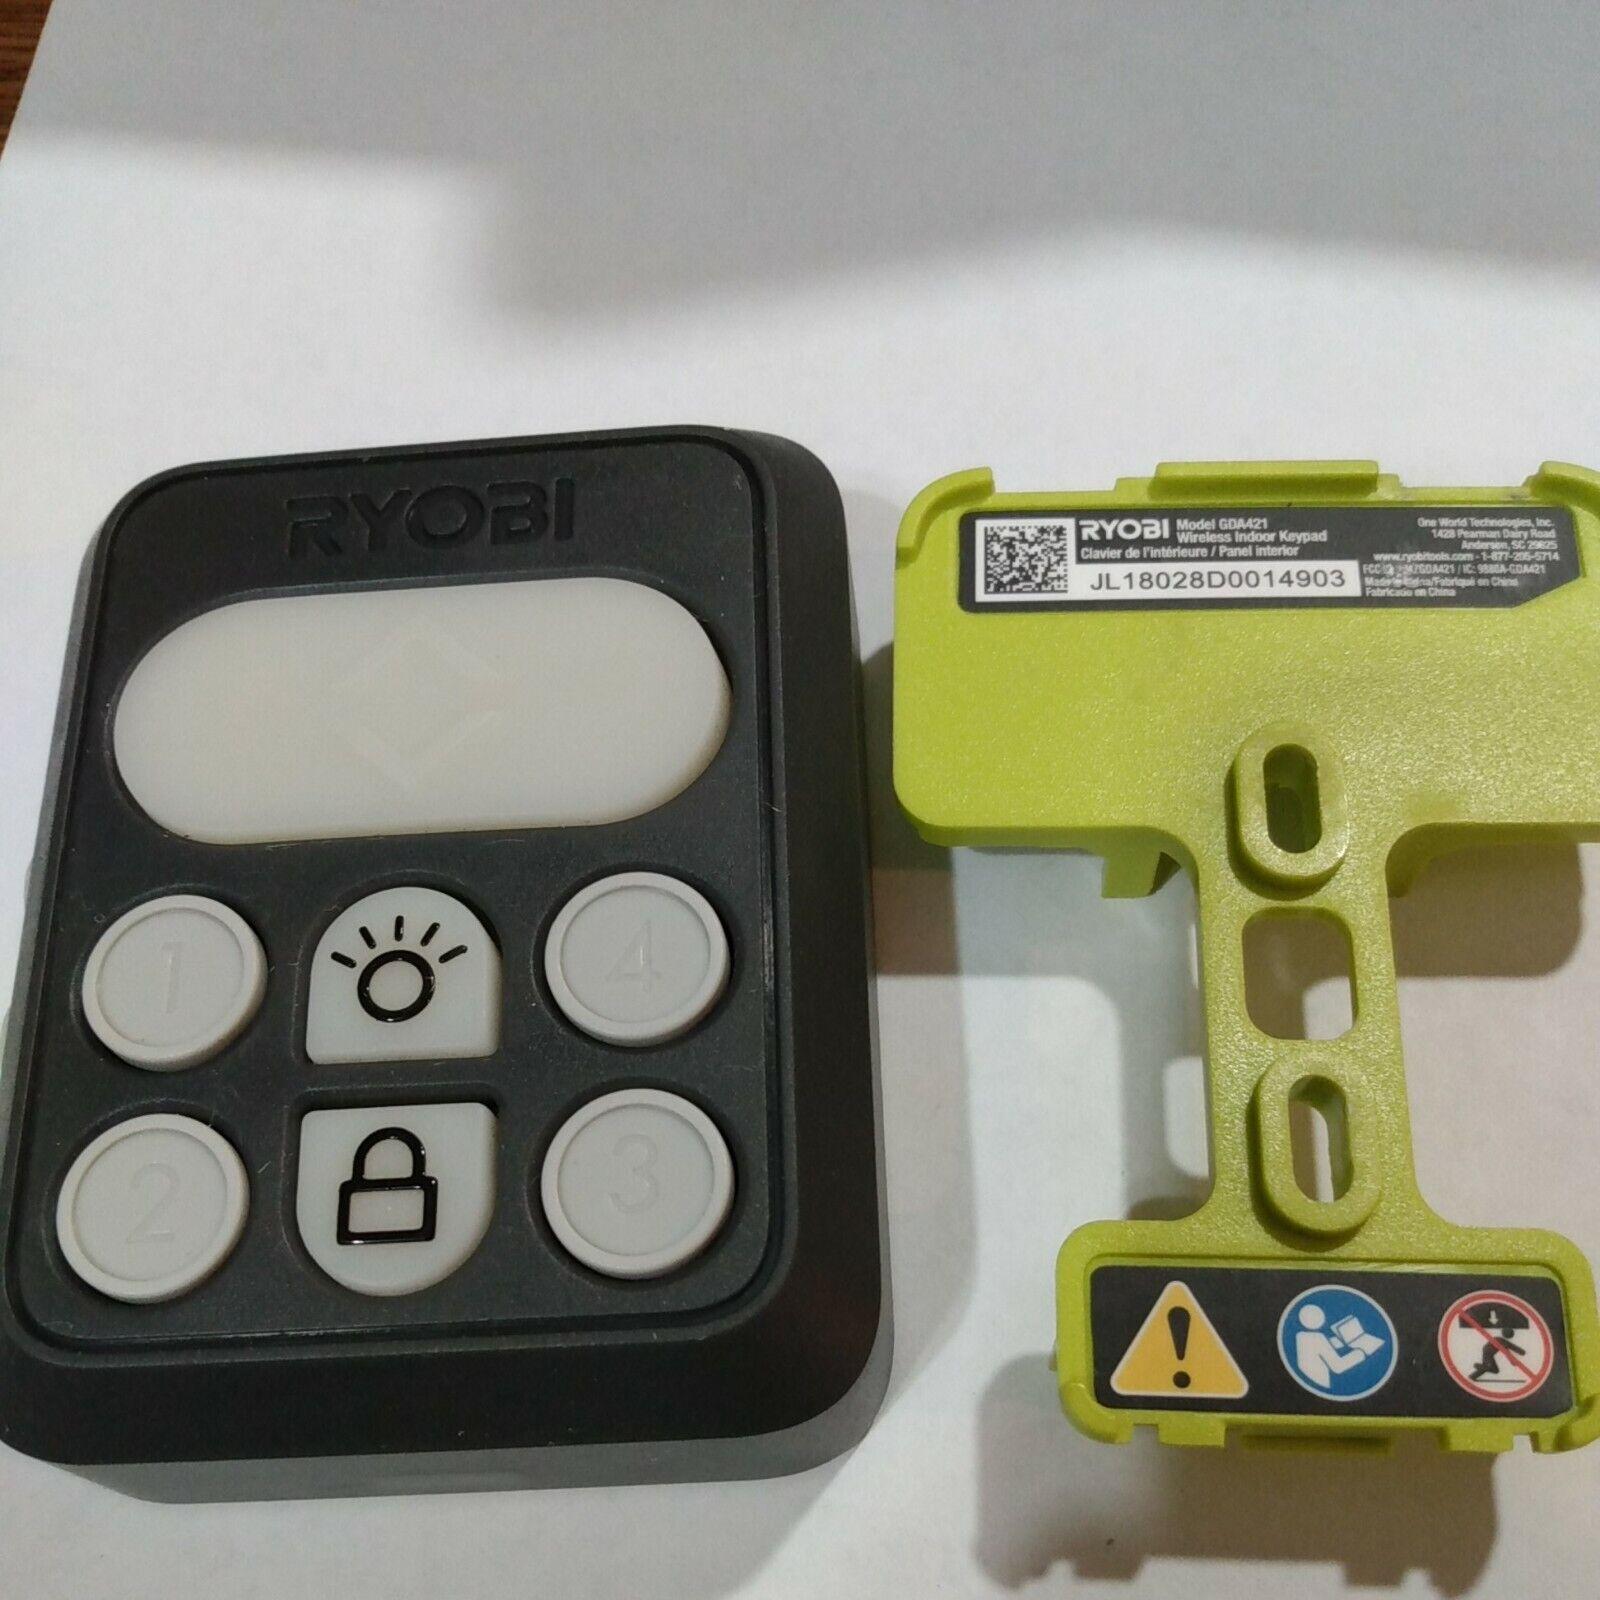 (1) Ryobi Garage Door GDA421 wireless indoor keypad Tested guarantee work